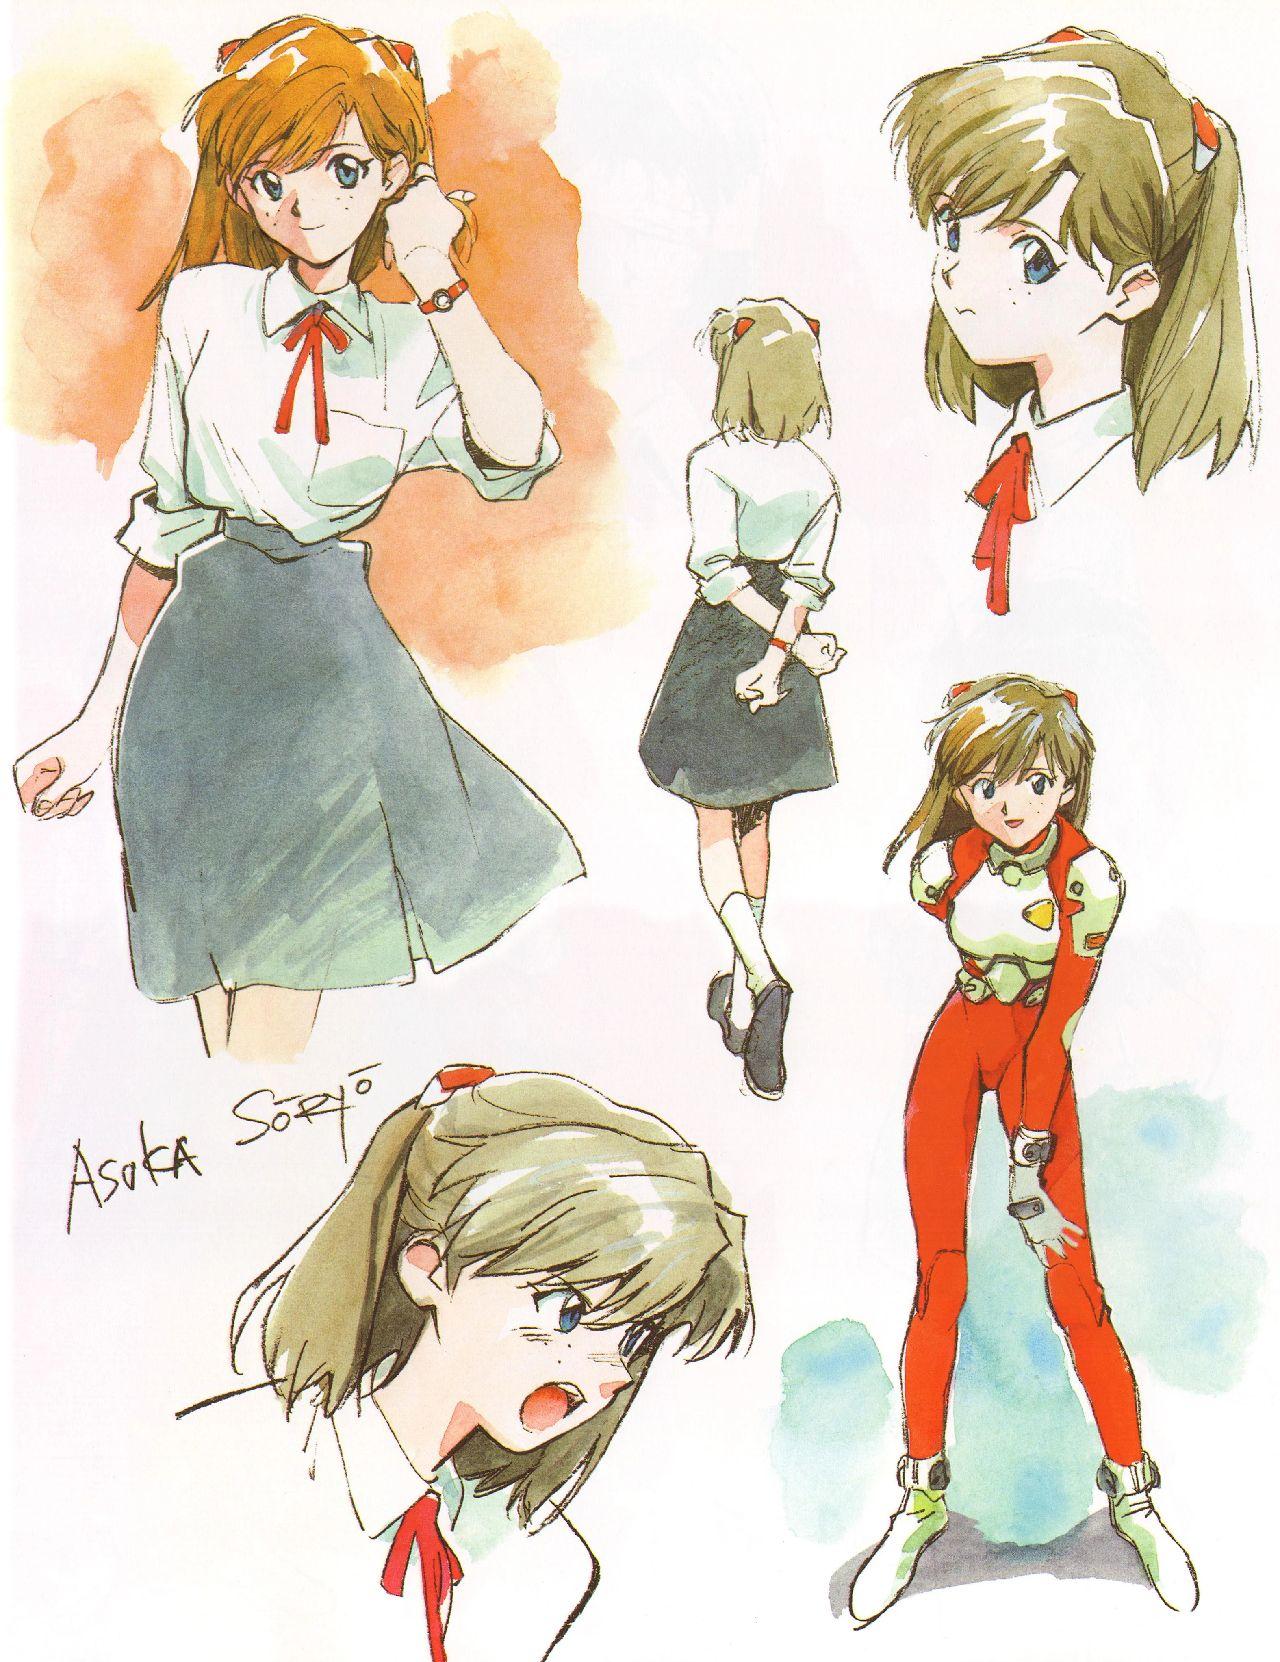 personajes de evangelion yoshiyuki sadamoto